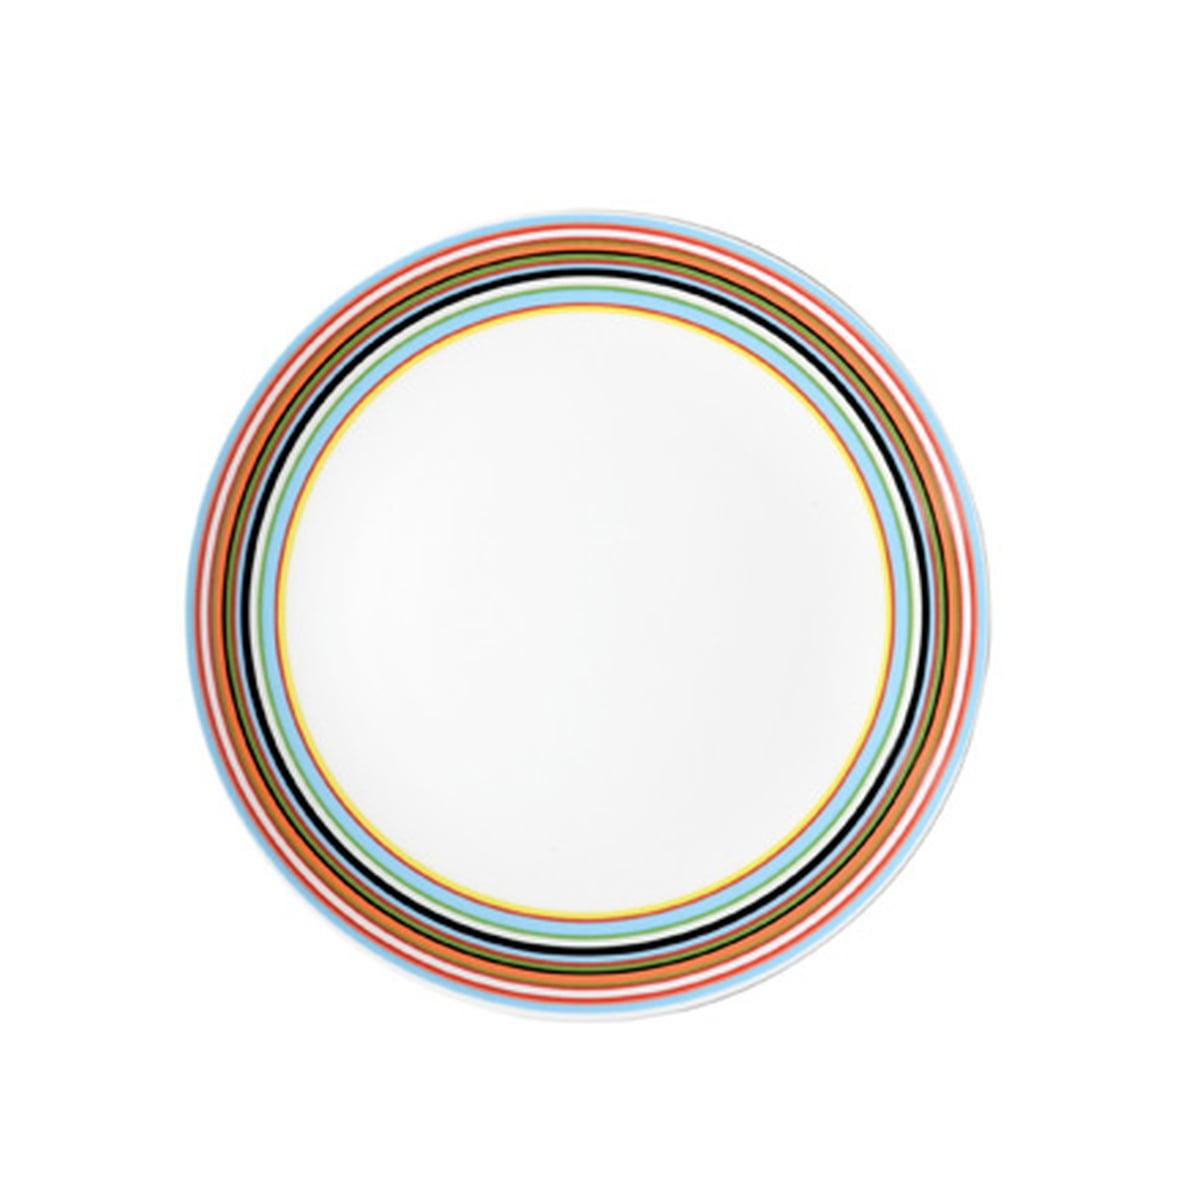 Iittala - Origo Teller Ø 20 cm, orange | Küche und Esszimmer > Besteck und Geschirr > Geschirr | Orange | Iittala